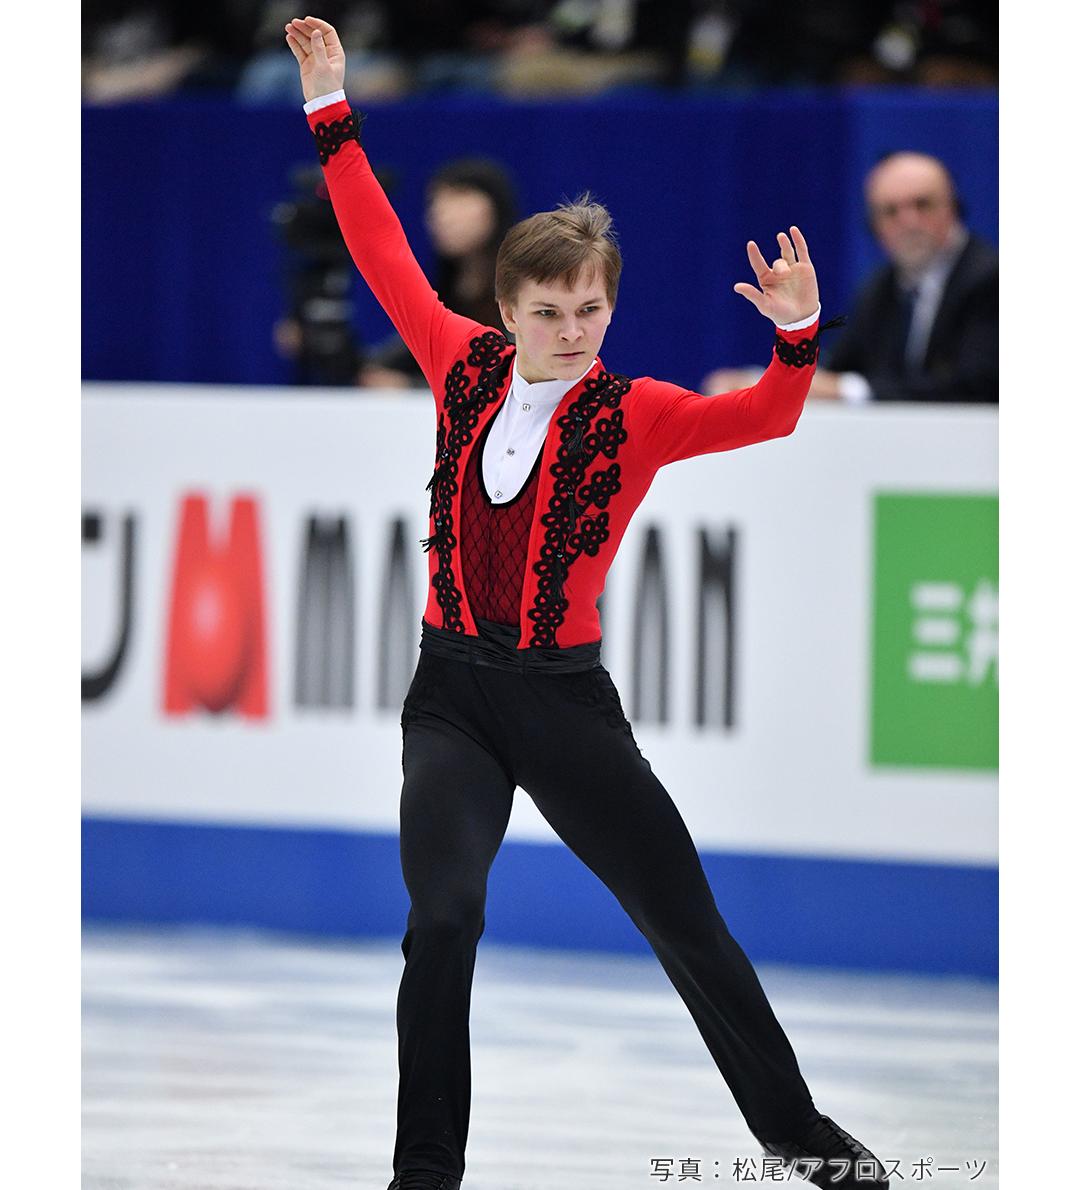 世界中から氷上のイケメンが集結! フィギュアスケート男子フォトギャラリー_1_47